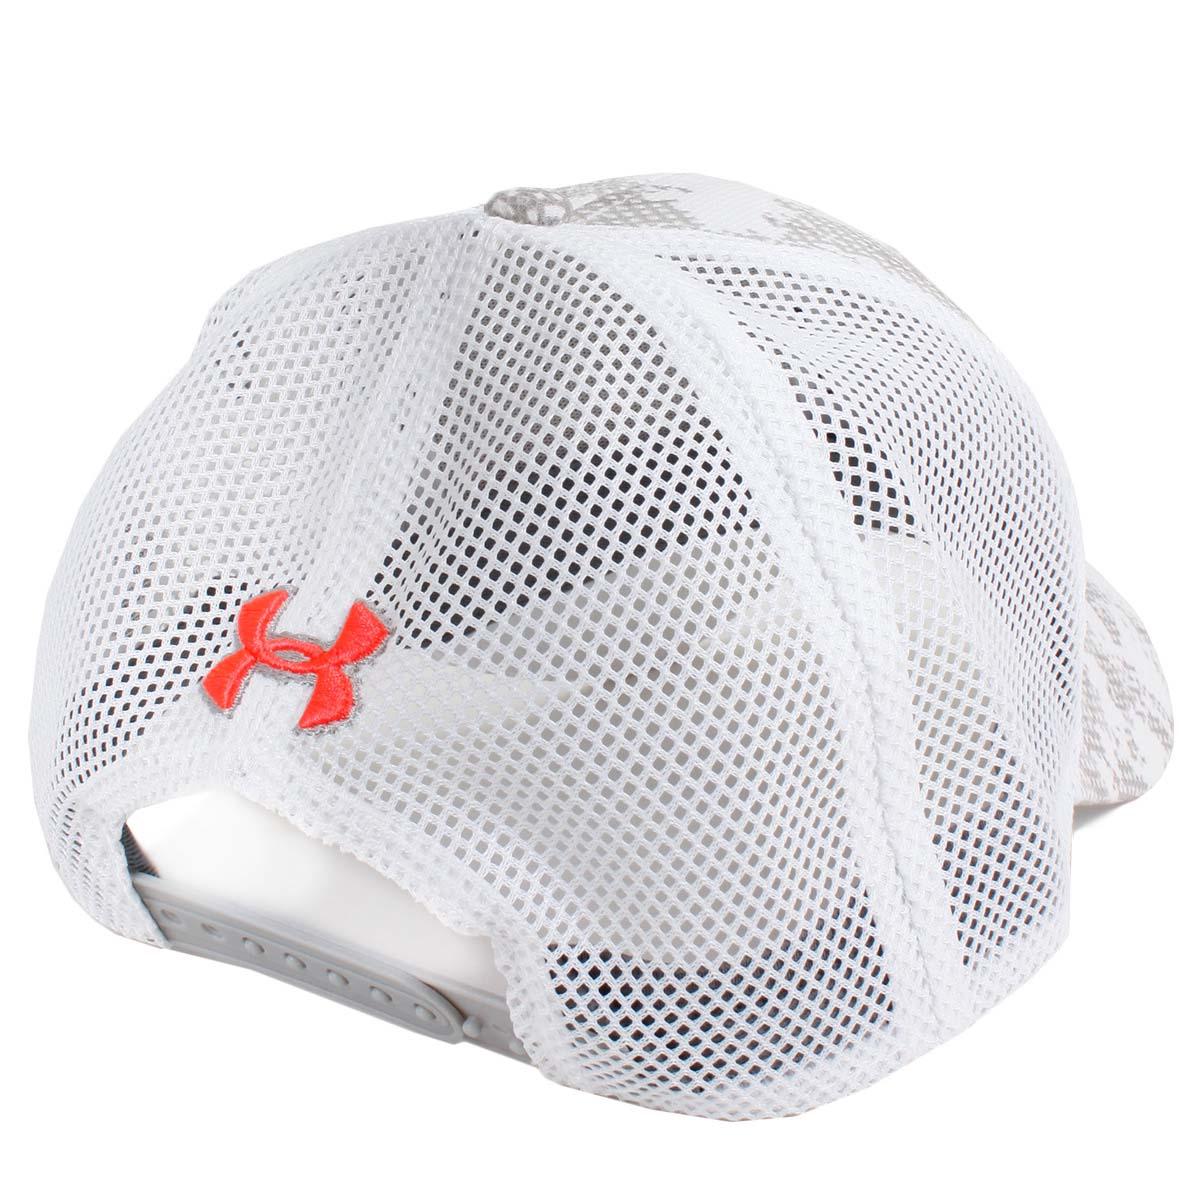 Under Armour Mens Blitzing Trucker 3.0 Baseball Cap Summer Golf Hat ... c31e38dd880